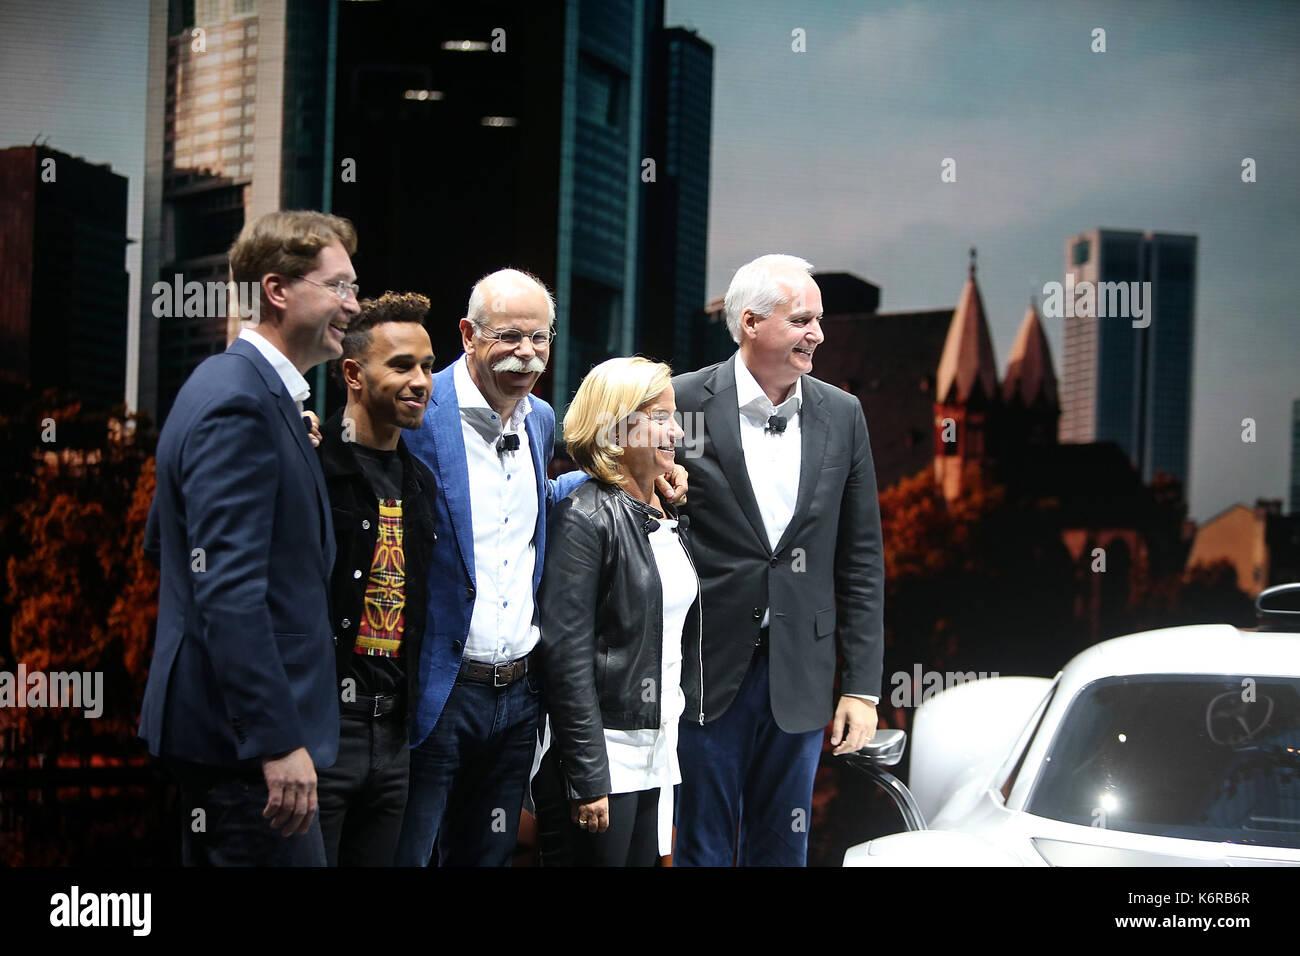 12.09.2017, messegelände, Francfort, 67. iaa pkw Frankfurt/Main, 14. - 24 septembre 2017. , im Bild pressekonferenz mercedes benz ola källenius (vorstandsmitglied der Daimler AG. konzernforschung & mercedes-benz uses entwicklung), formule 1 fahrer Lewis Hamilton, Dr Dieter Zetsche (vorstandsvorsitzender der Daimler AG), Britta seeger vorstandsmitglied der Daimler AG. mercedes-benz uses vertrieb, hubertus troska vorstandsmitglied der Daimler AG. Grande Chine photo: Cronos/hasan bratic Photo Stock